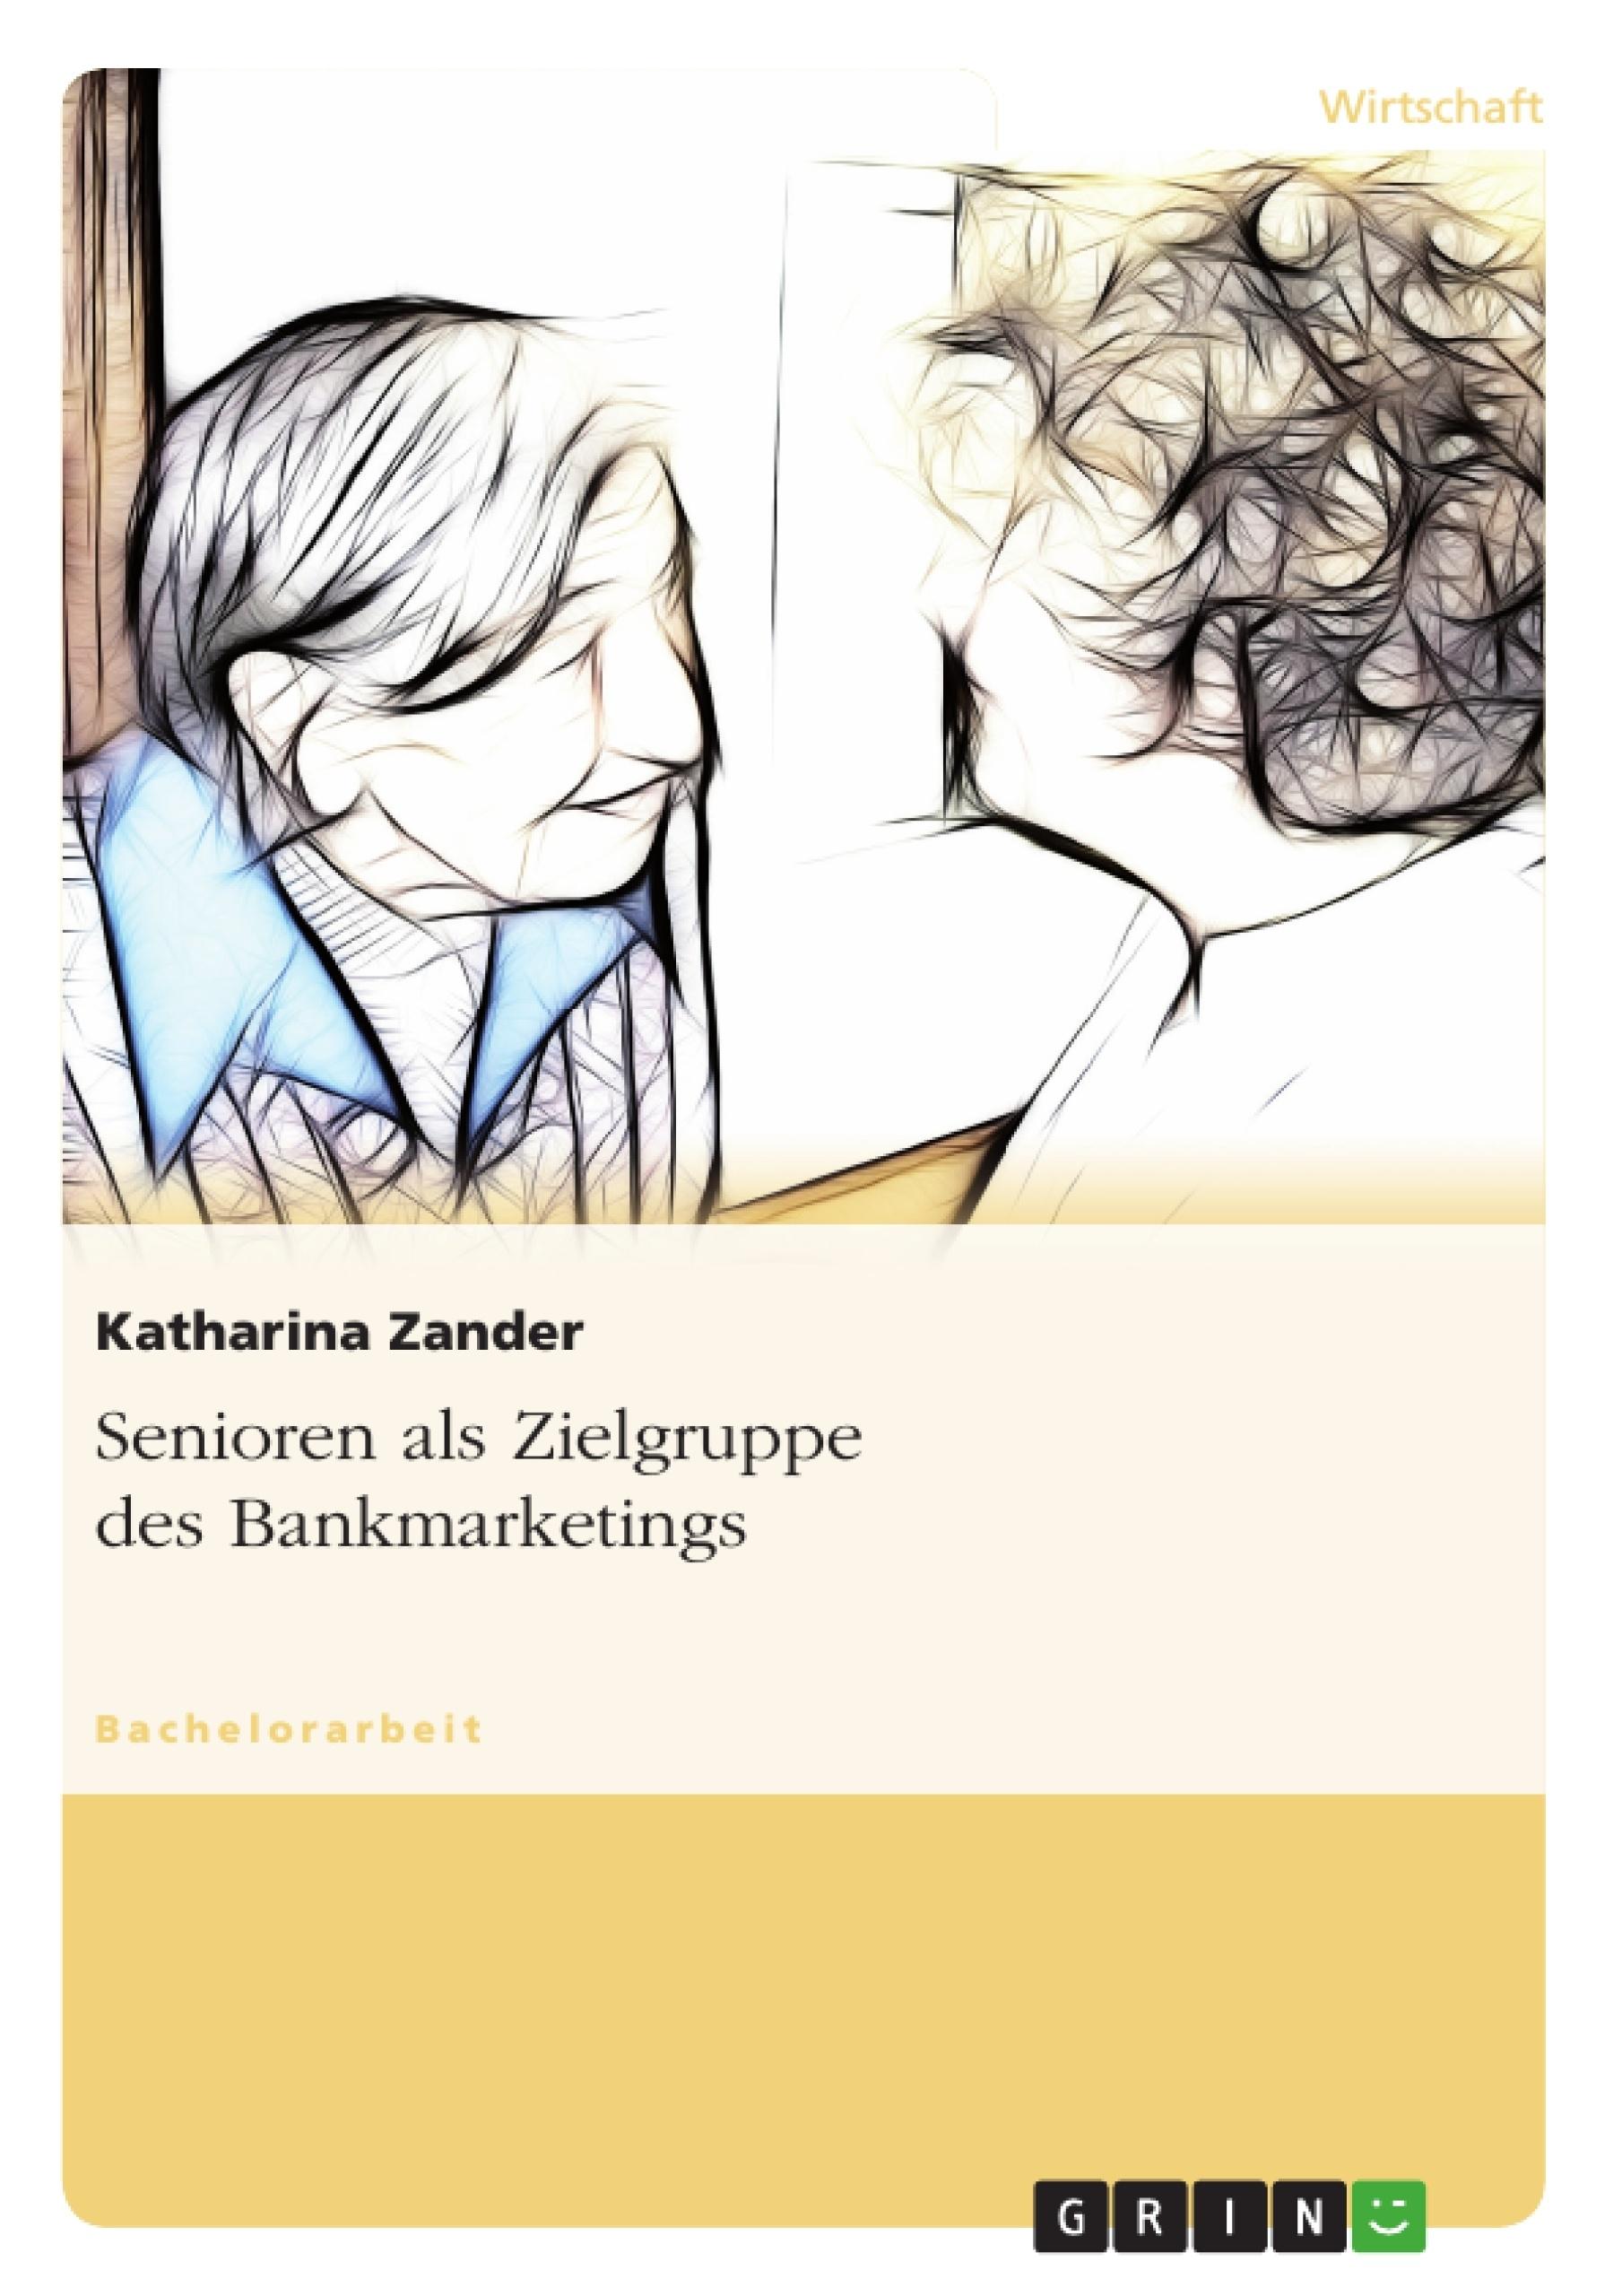 Titel: Senioren als Zielgruppe des Bankmarketings